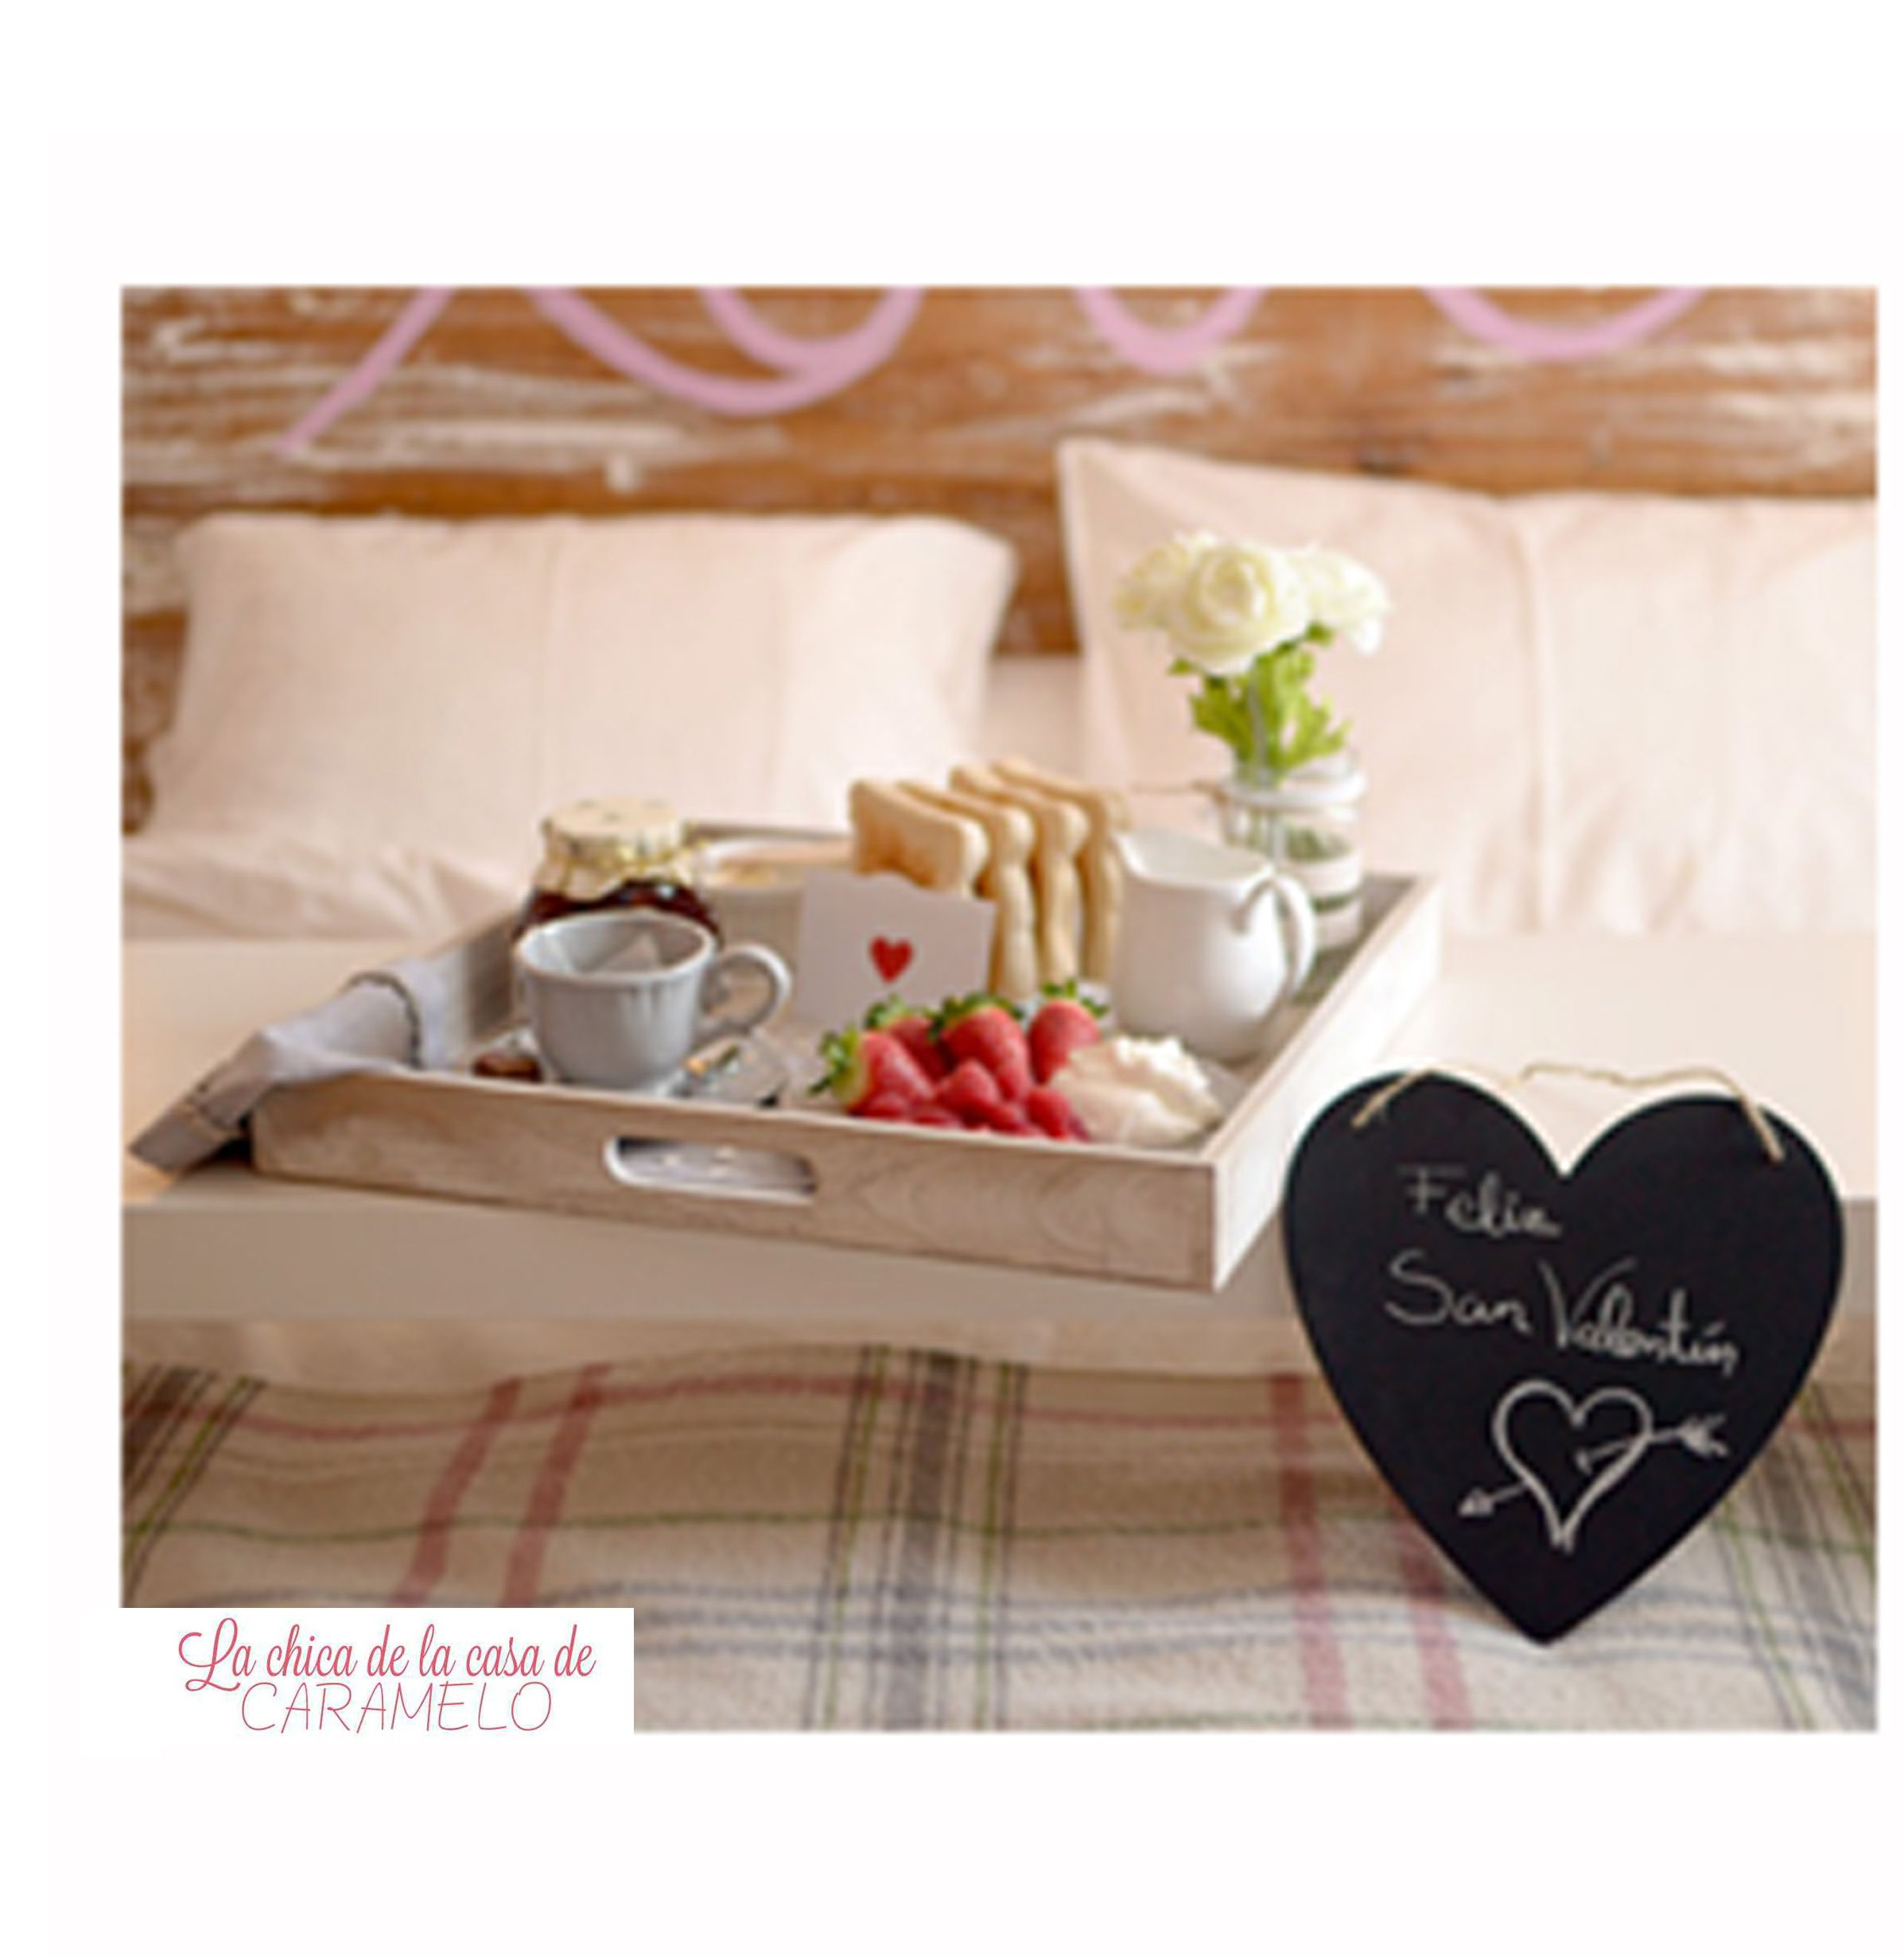 Desayuno sorpresa san valentin fuente de la imagen - Sorpresas para enamorados ...